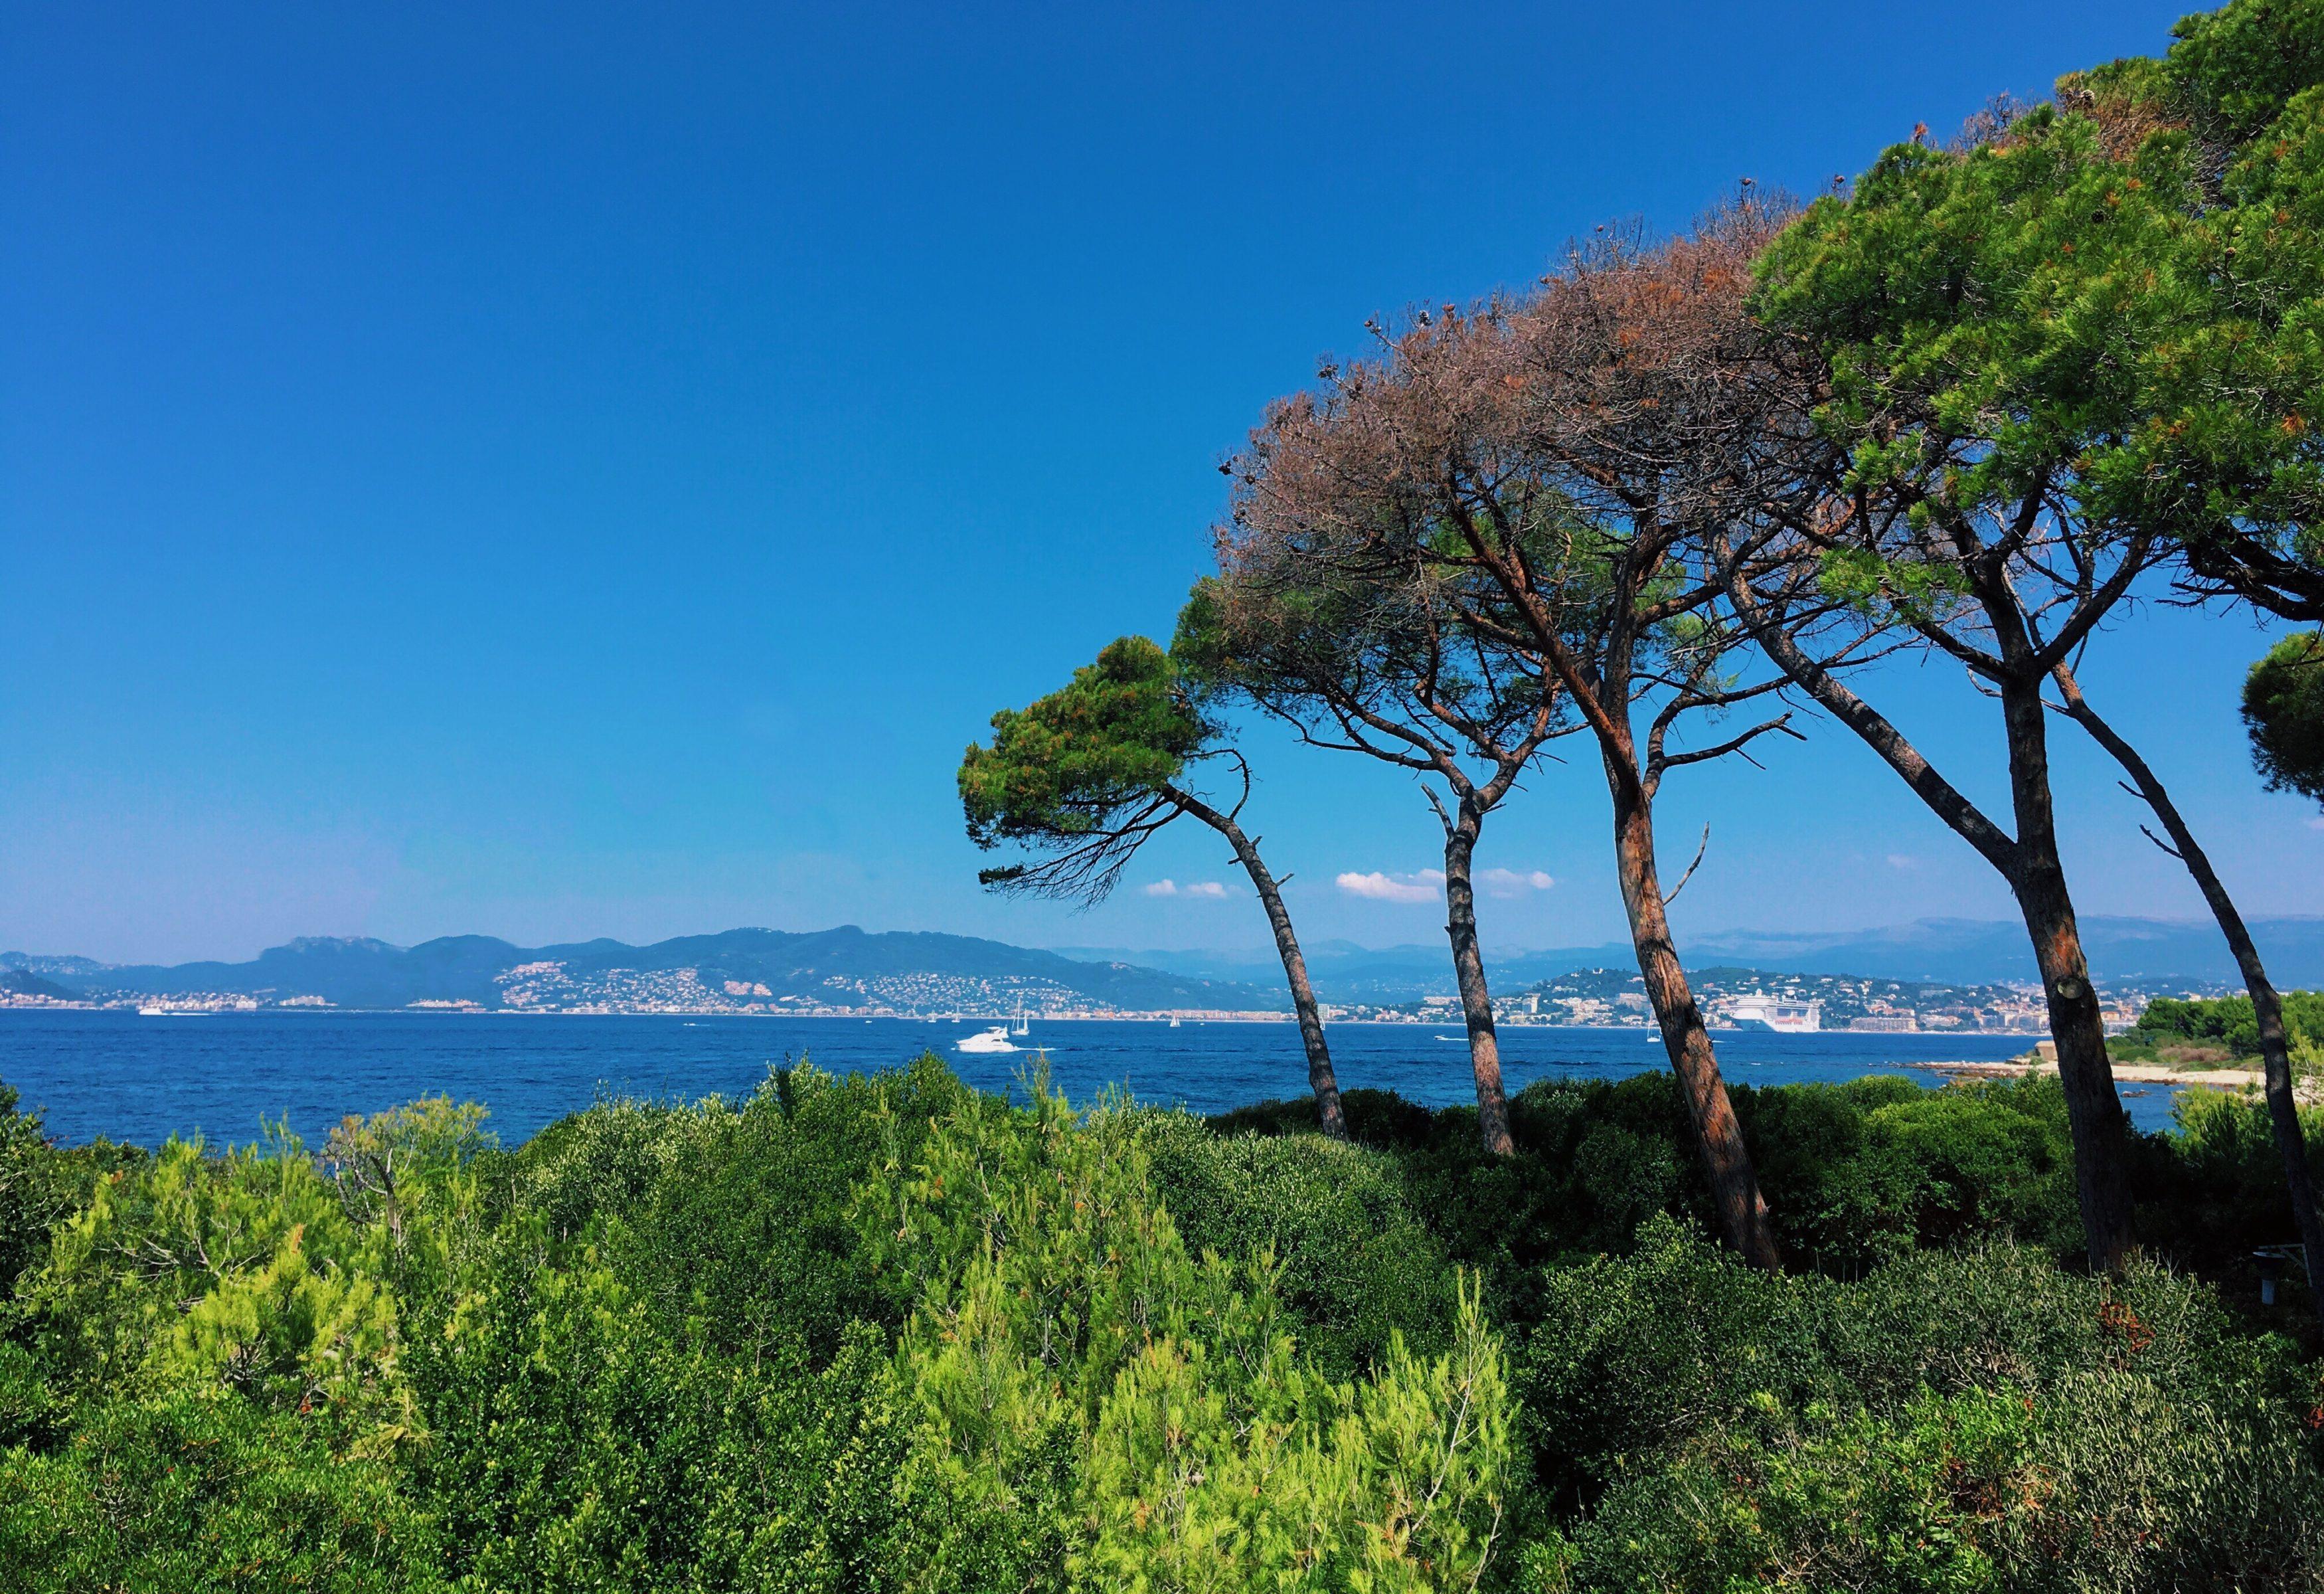 ile-sainte-marguerite-cannes-blog-voyage-les-ptits-touristes-7